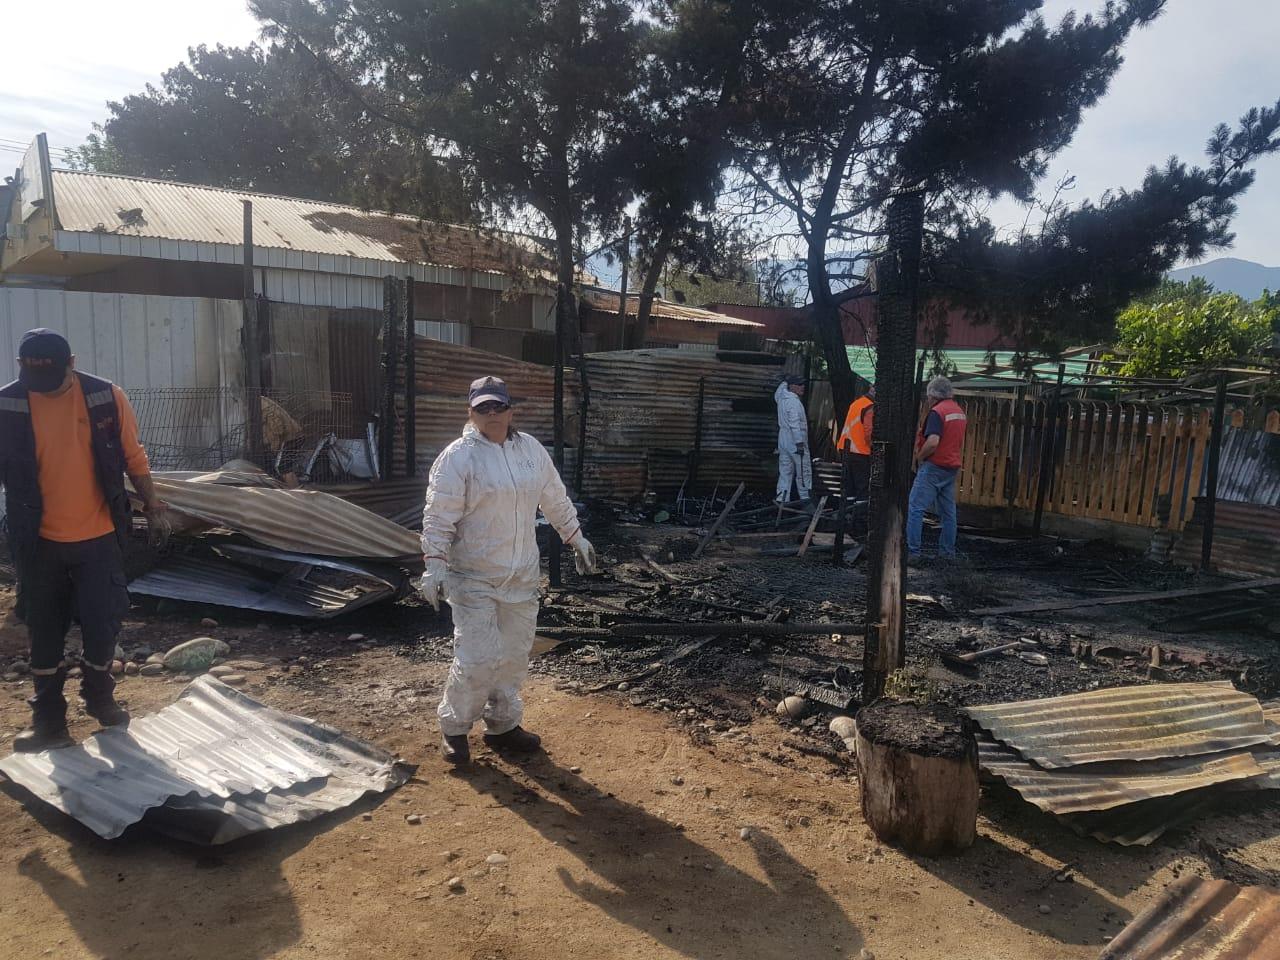 [FOTOS] Quillota: Incendio destruyó una vivienda y dos automóviles en San Isidro - El Observador